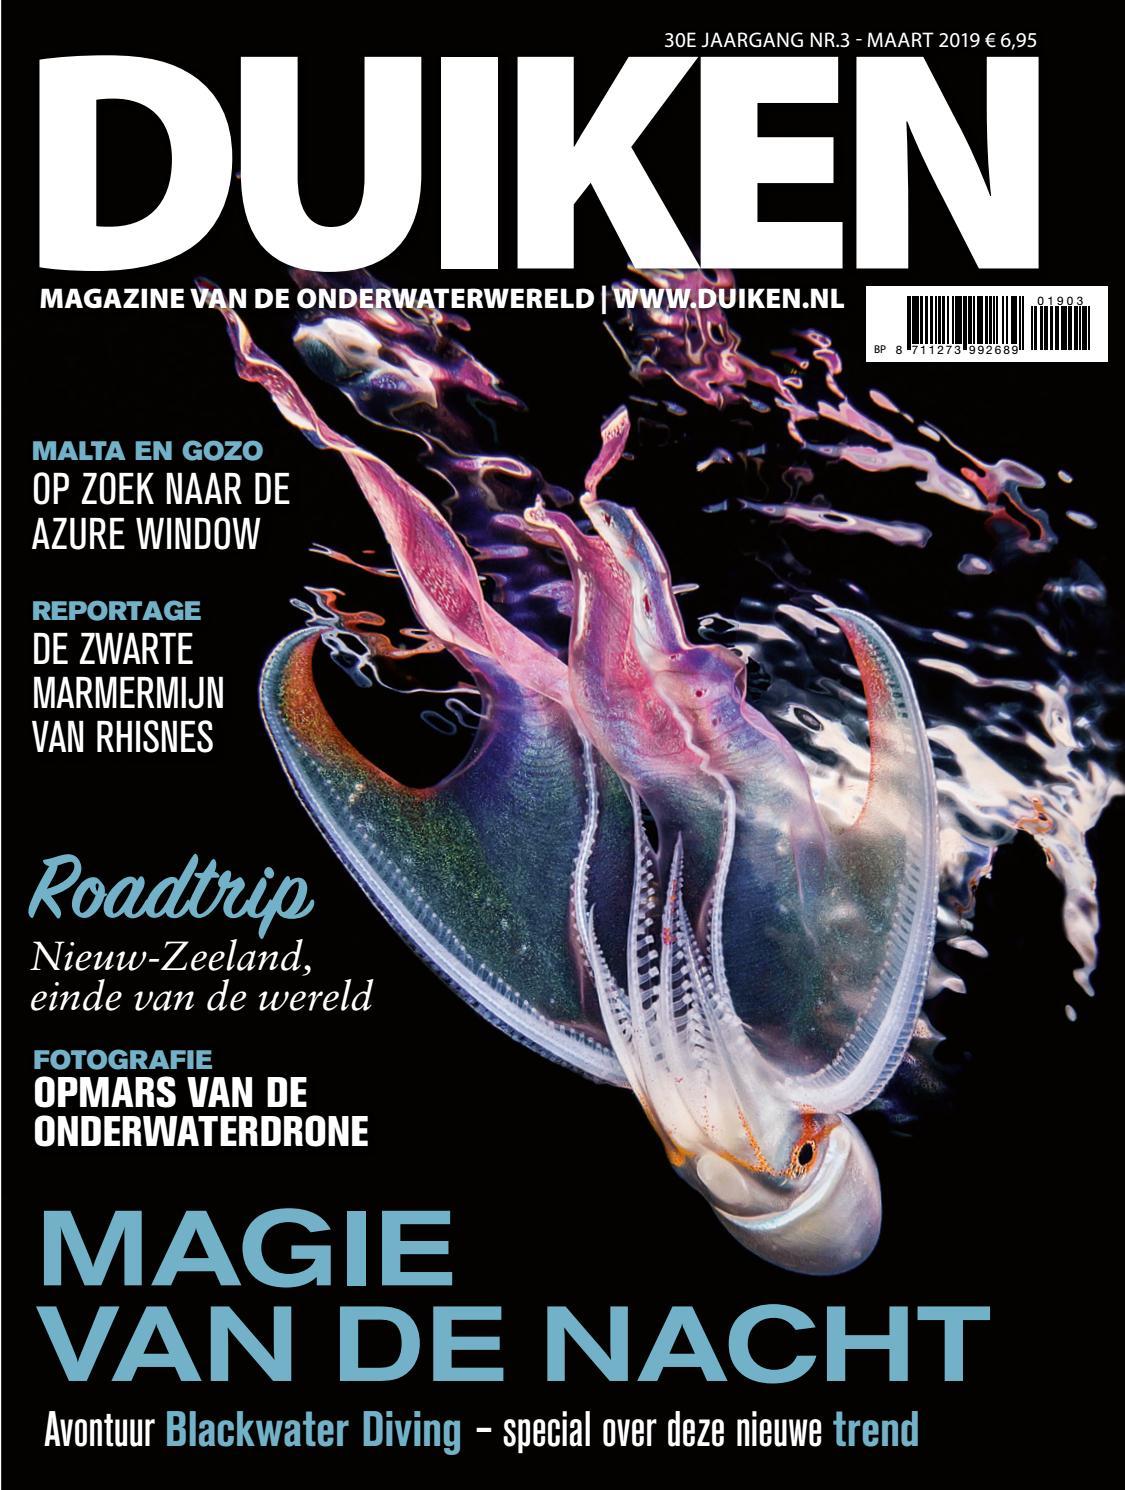 a4c2b3a4c3c6c6 Duiken inkijkexemplaar - Abonnement.nl by Abonnement.nl - issuu